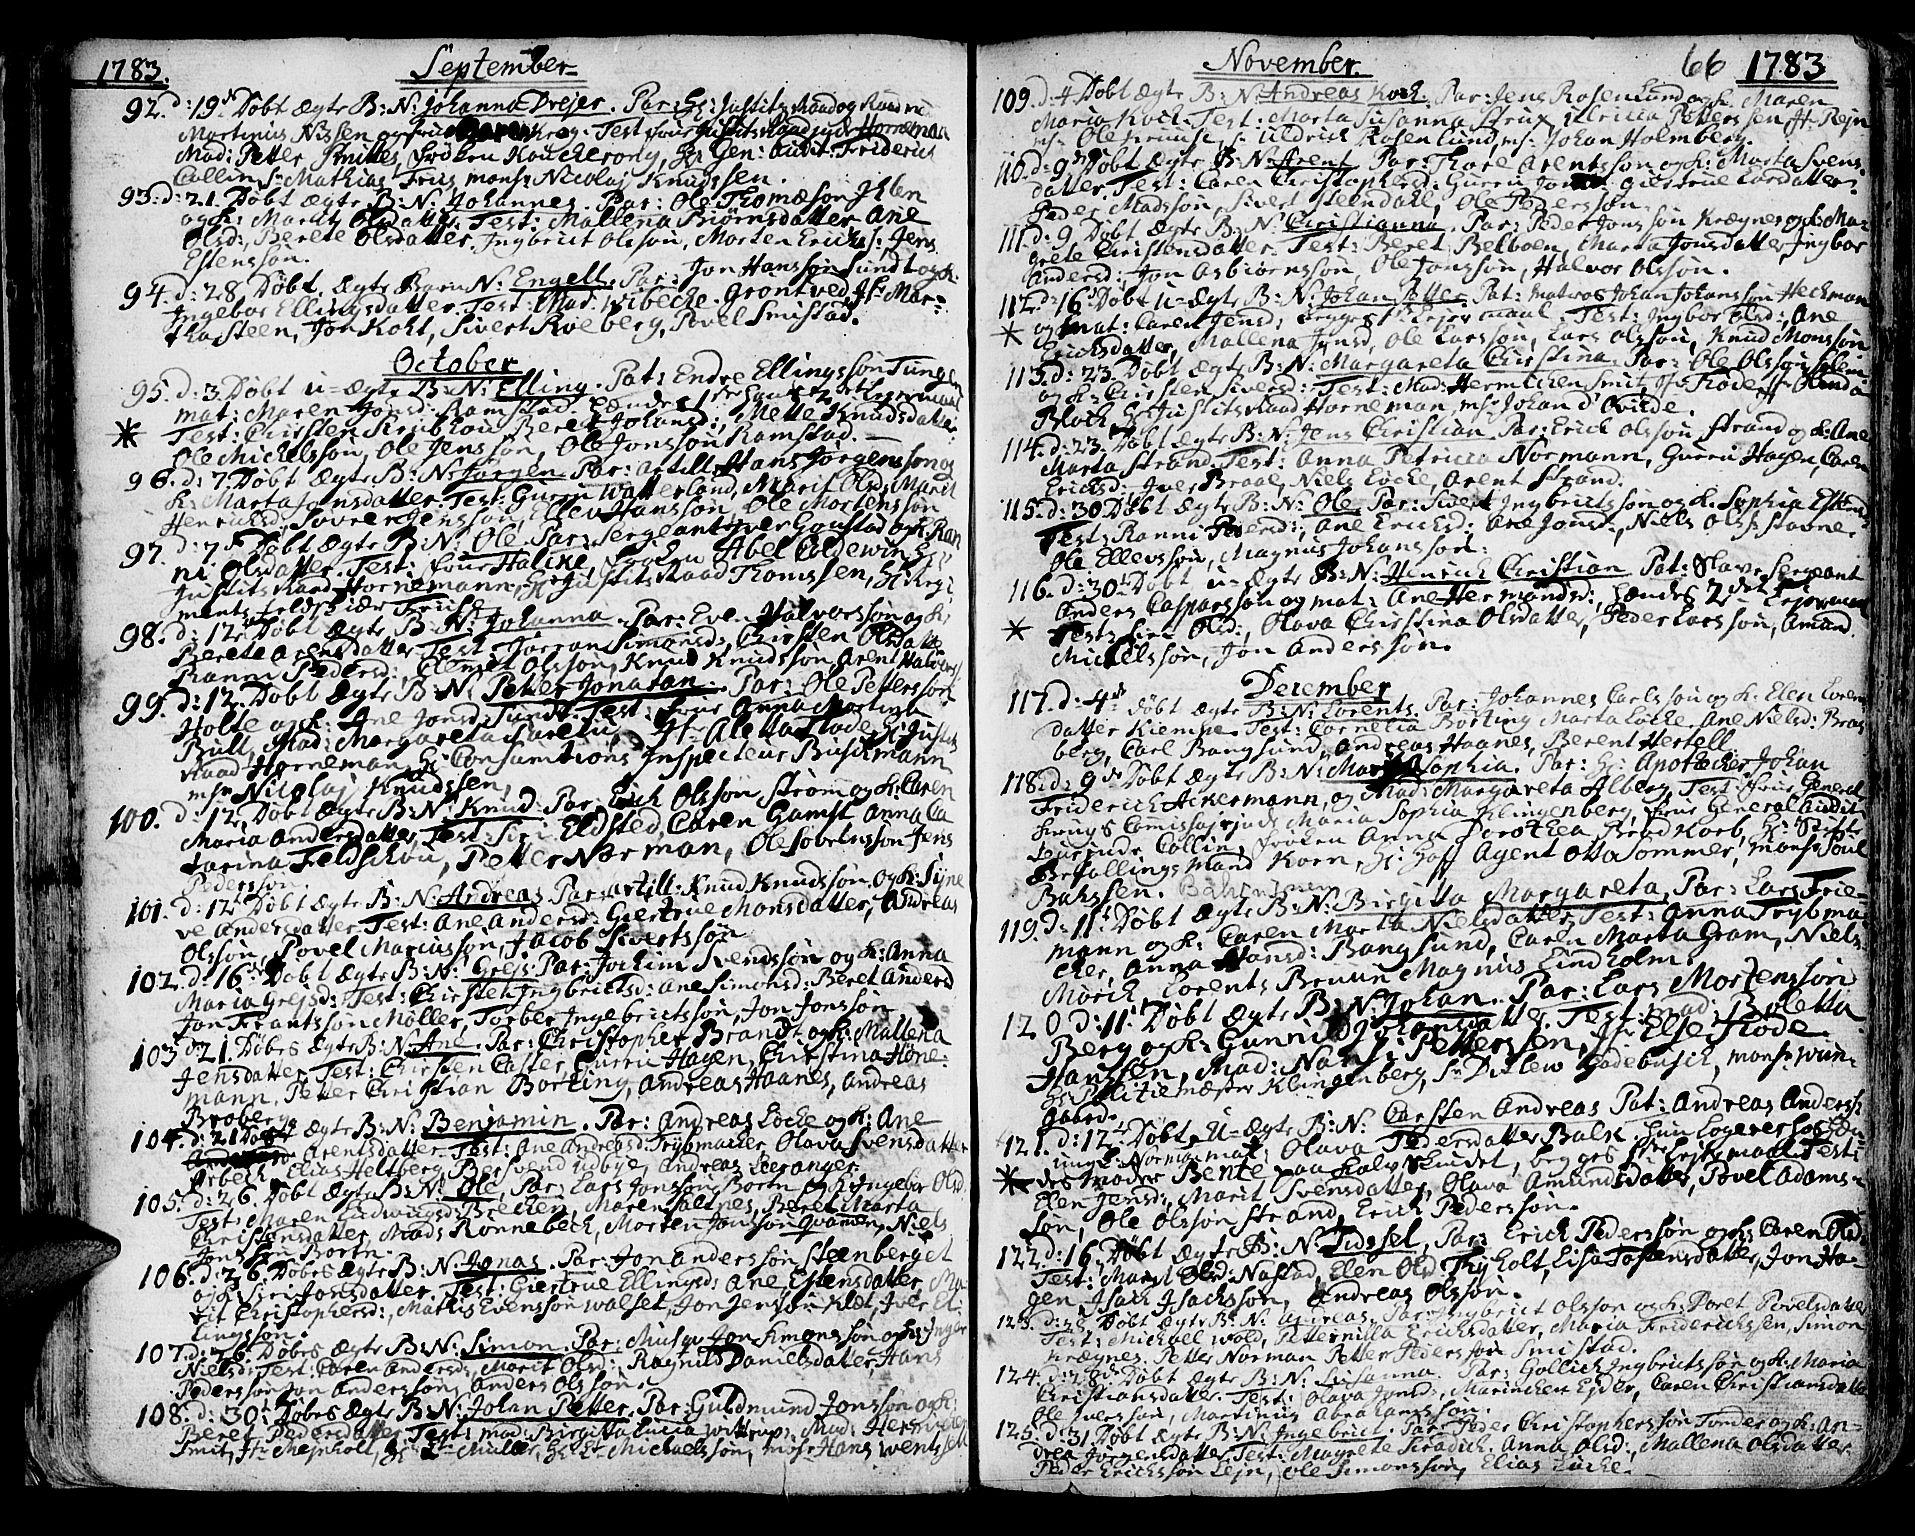 SAT, Ministerialprotokoller, klokkerbøker og fødselsregistre - Sør-Trøndelag, 601/L0039: Ministerialbok nr. 601A07, 1770-1819, s. 66